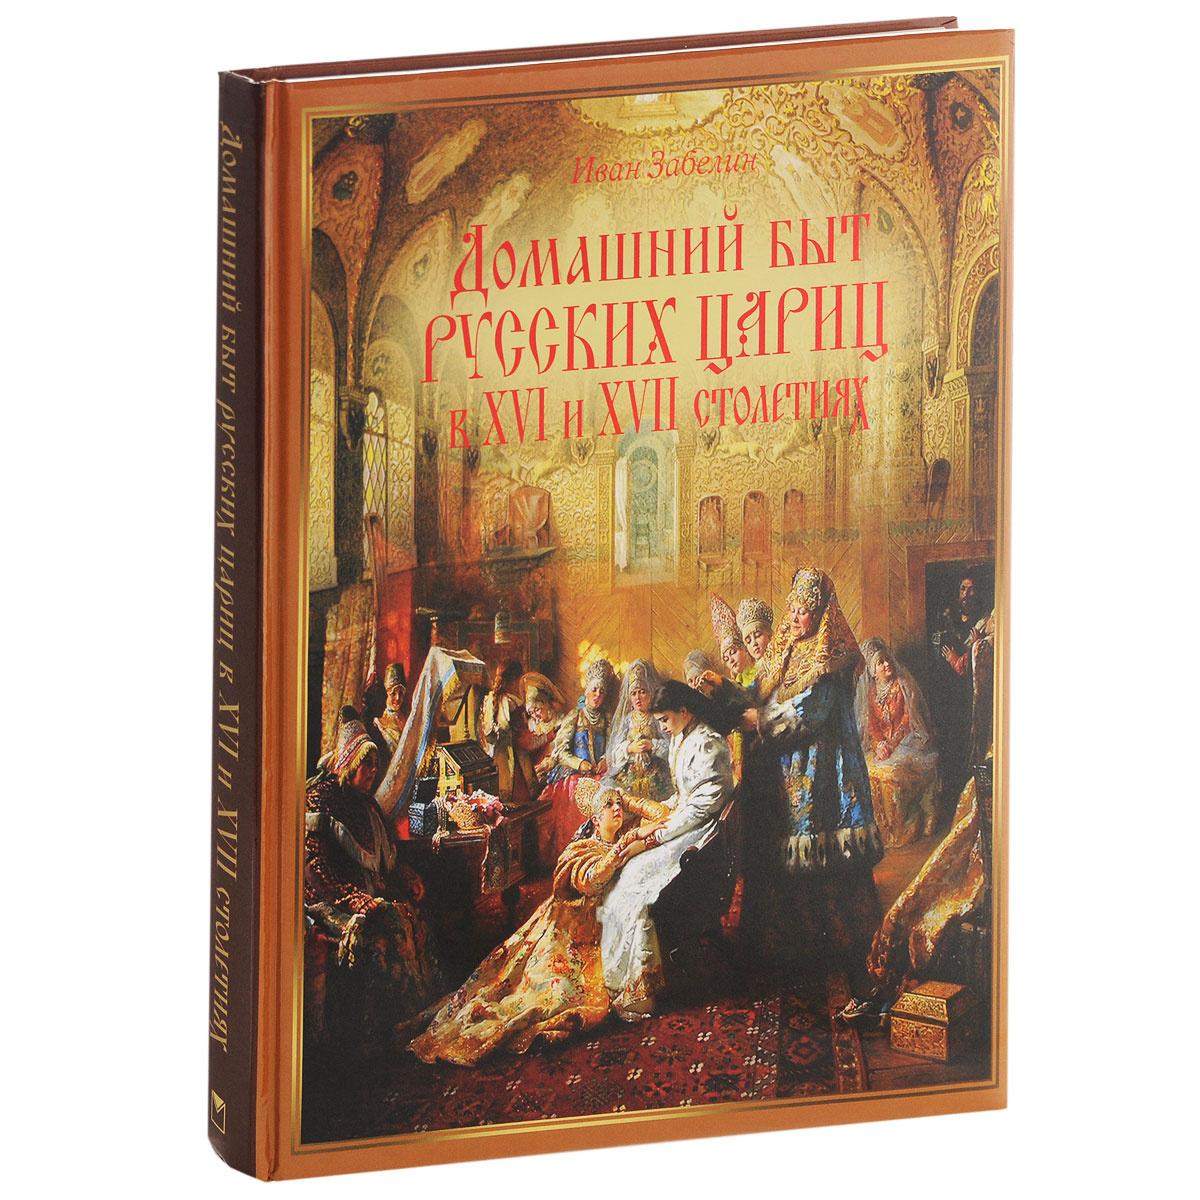 Домашний быт русских цариц в XVI-XVII столетиях #1